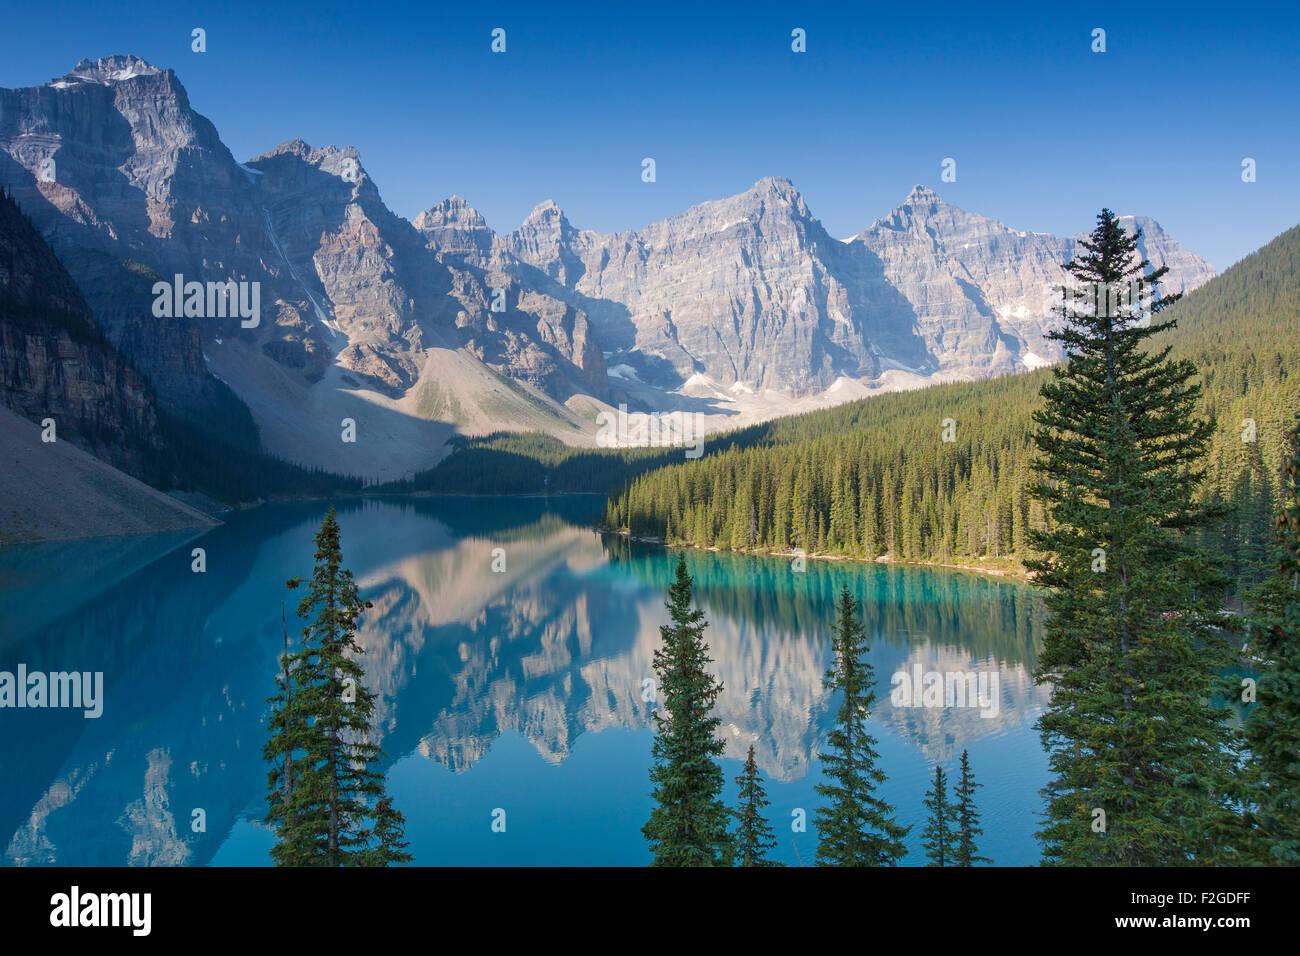 Morrenas glaciales del lago en el Valle de los Diez Picos, Parque Nacional de Banff, Alberta, Canadá Imagen De Stock